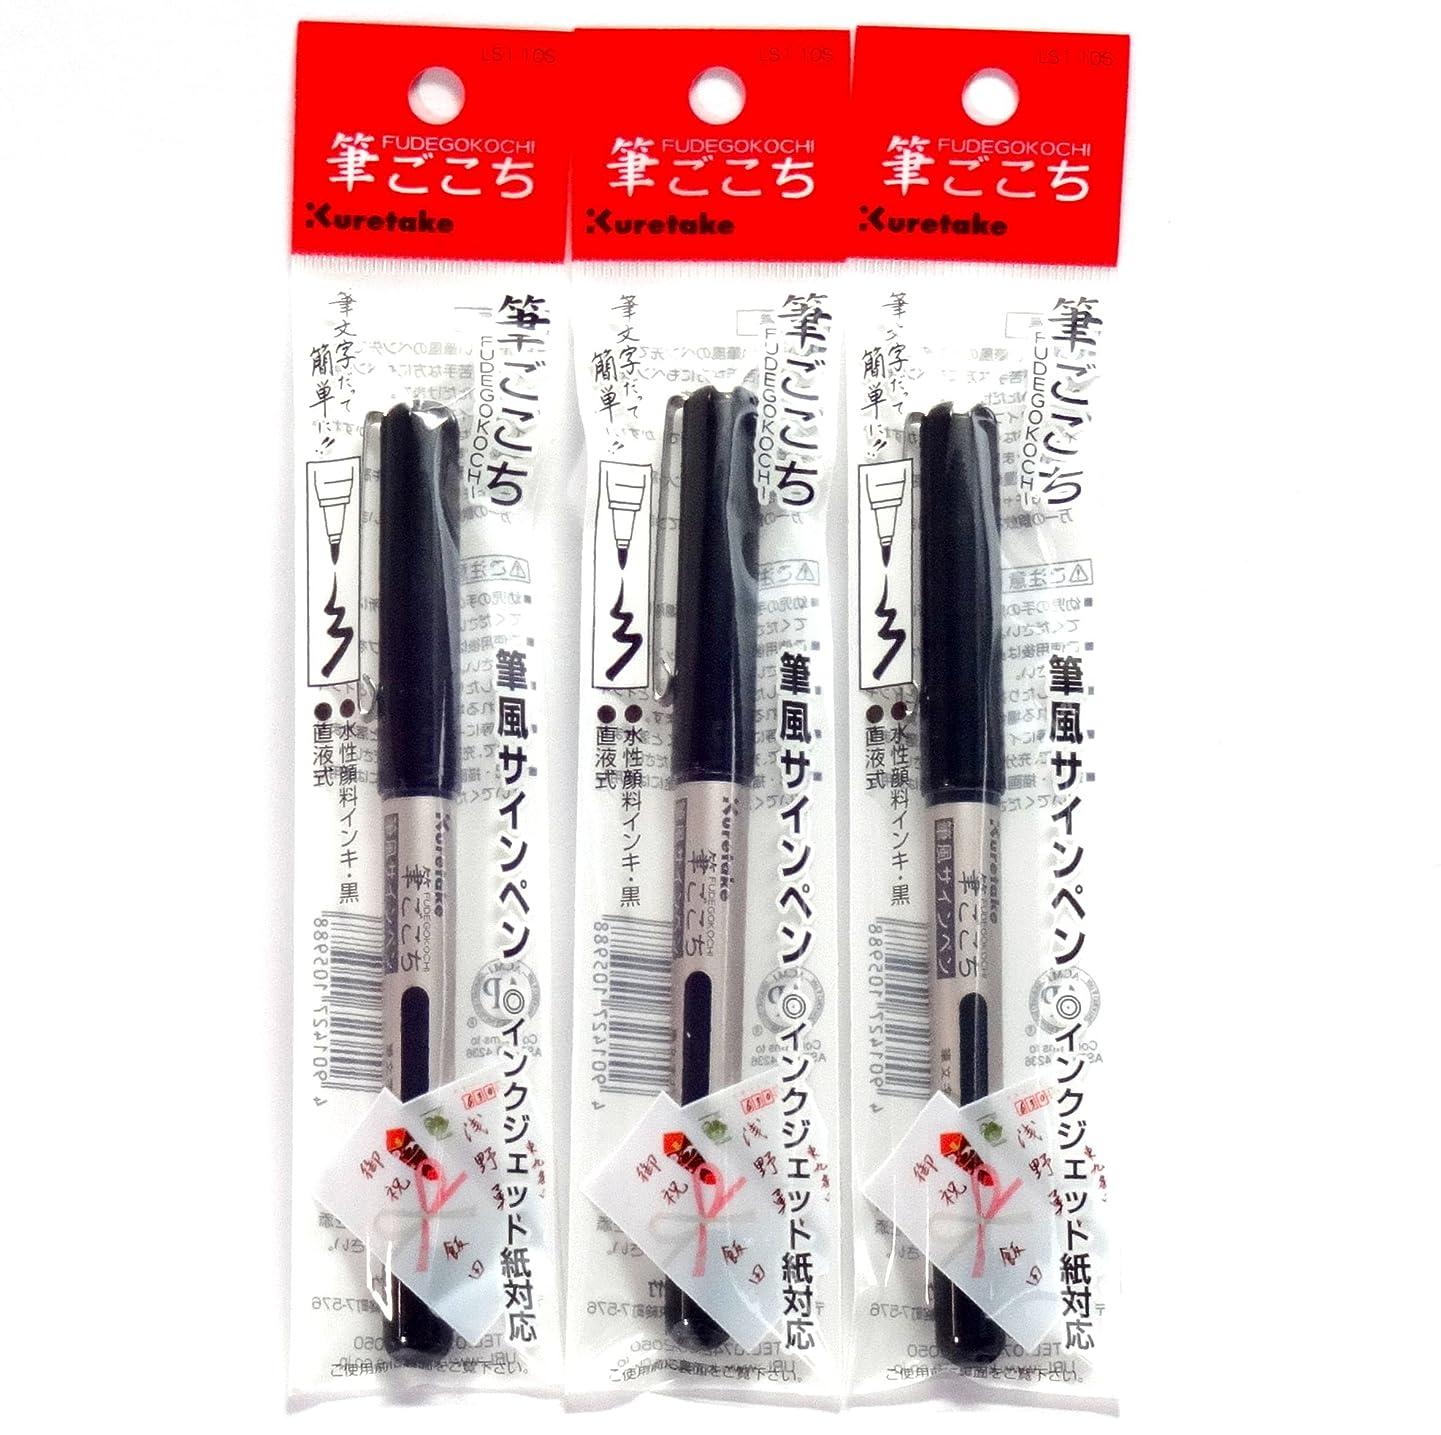 Kuretake Fude Brush Pen, Fudegokochi (LS1-10S), 3 pens per Pack (Japan import) [Komainu-Dou Original Package] veksdfdmwxucfvpt